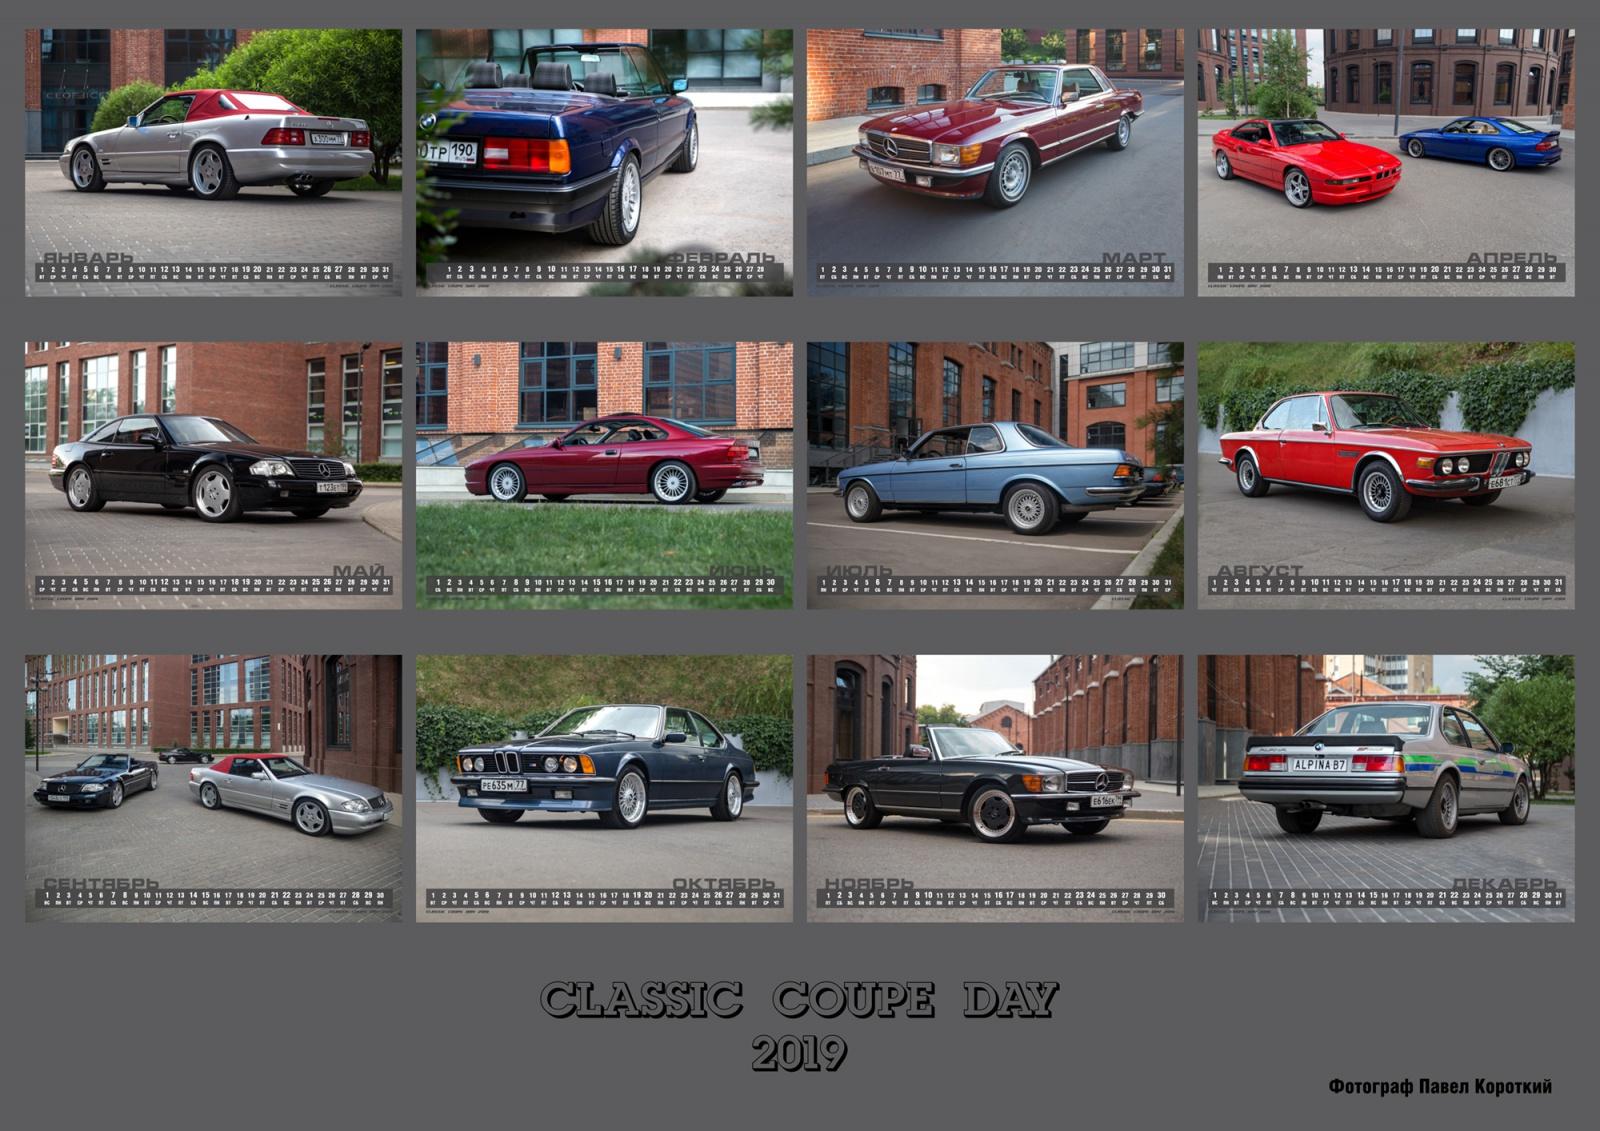 Название: CALENDAR A3 Classik coupe day-2019-x6_FINAL-nor-14.jpg Просмотров: 145  Размер: 592.6 Кб